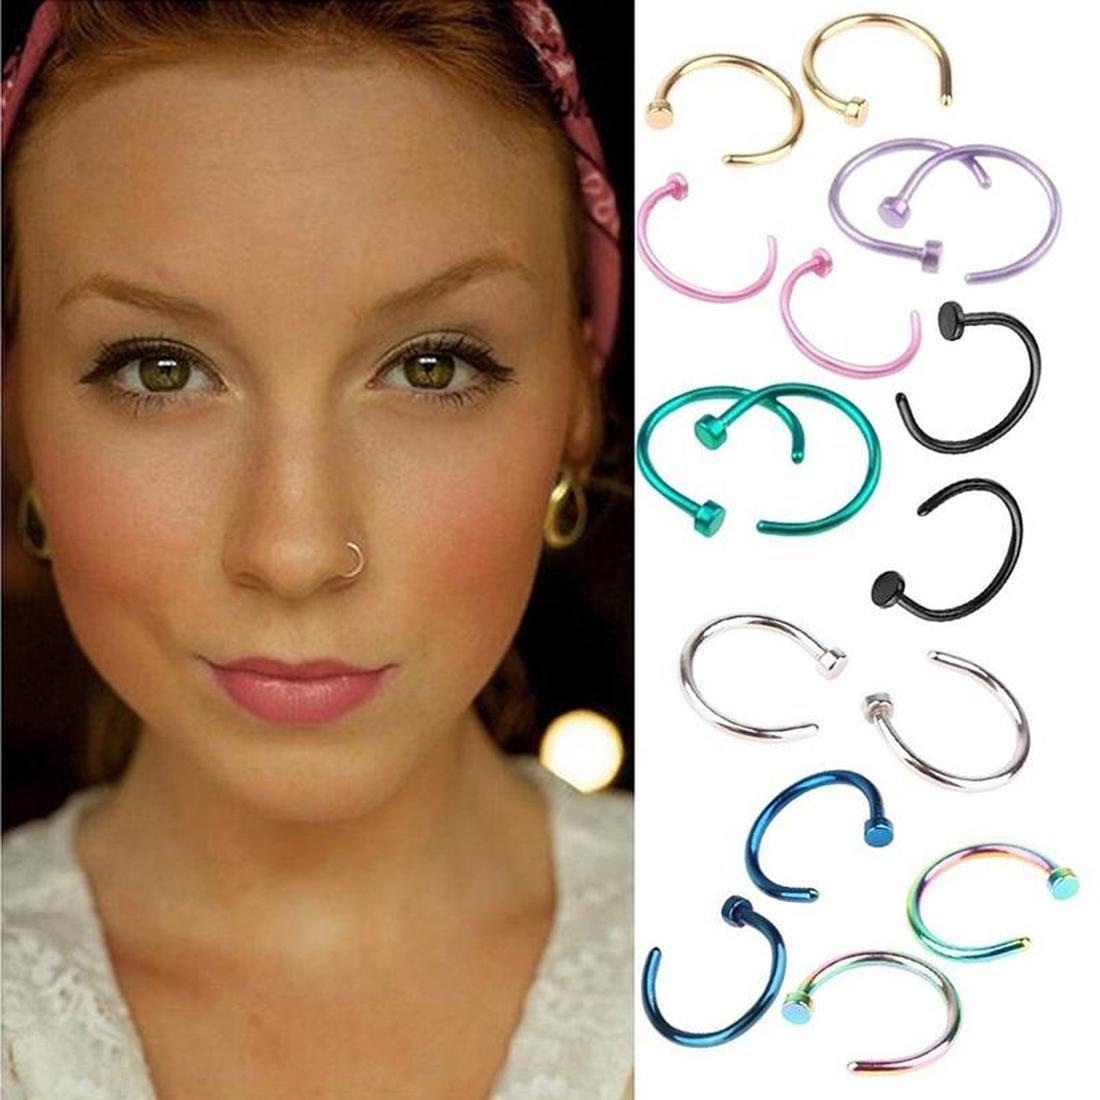 2020 Delicado Fake Septum Medical Titanium Anillo Piercing Piercing Plata Cuerpo Cuerpo Hoop Para Mujeres Girls Septum Clip Hoop Jewelry Regalo